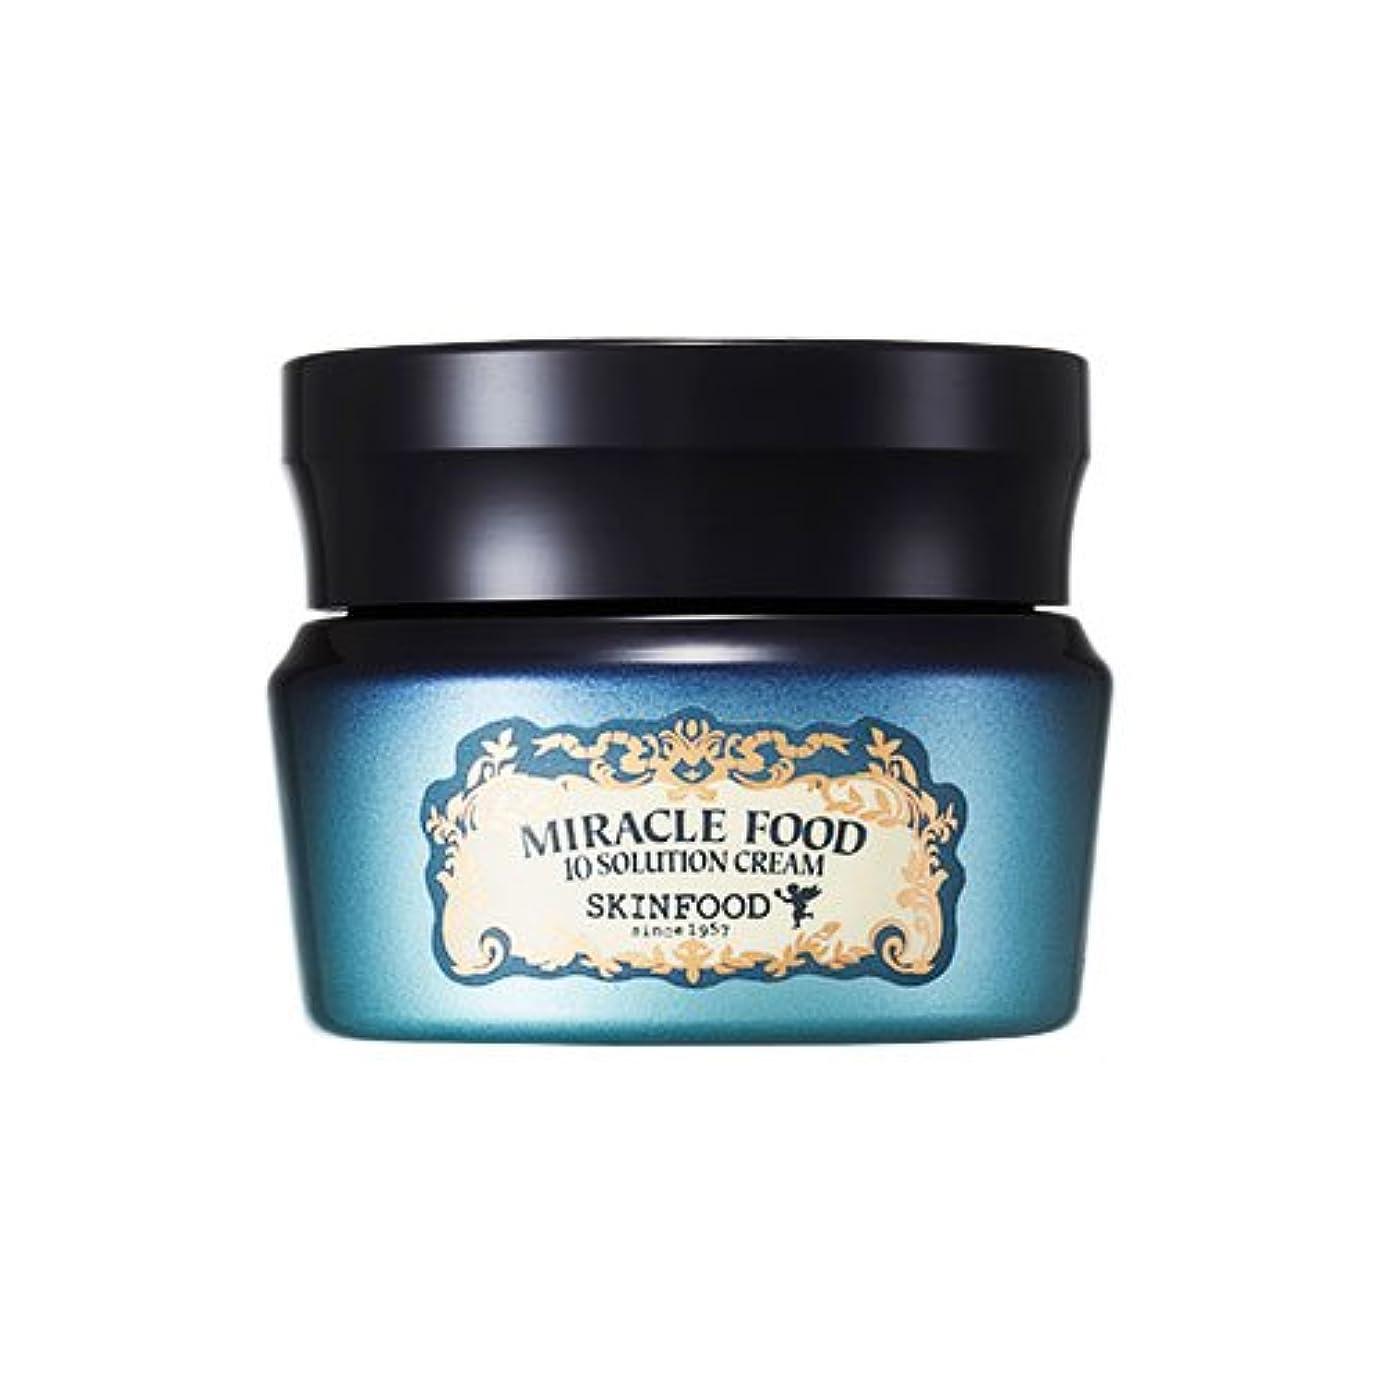 舌な法令伝導率Skinfood ミラクルフード10ソリューションクリーム(美白効果としわ防止効果) / Miracle Food 10 Solution Cream (Skin-Brightening and Anti-Wrinkle...